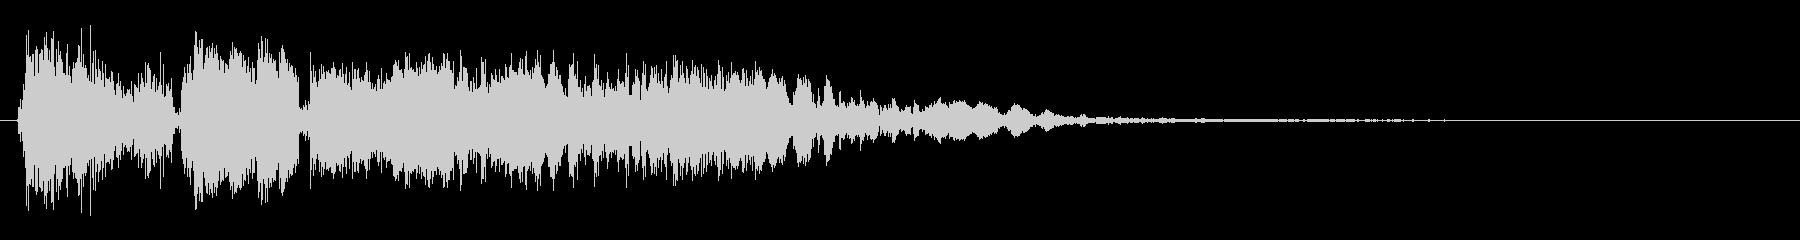 ビシュビシューン(シューティング音)の未再生の波形